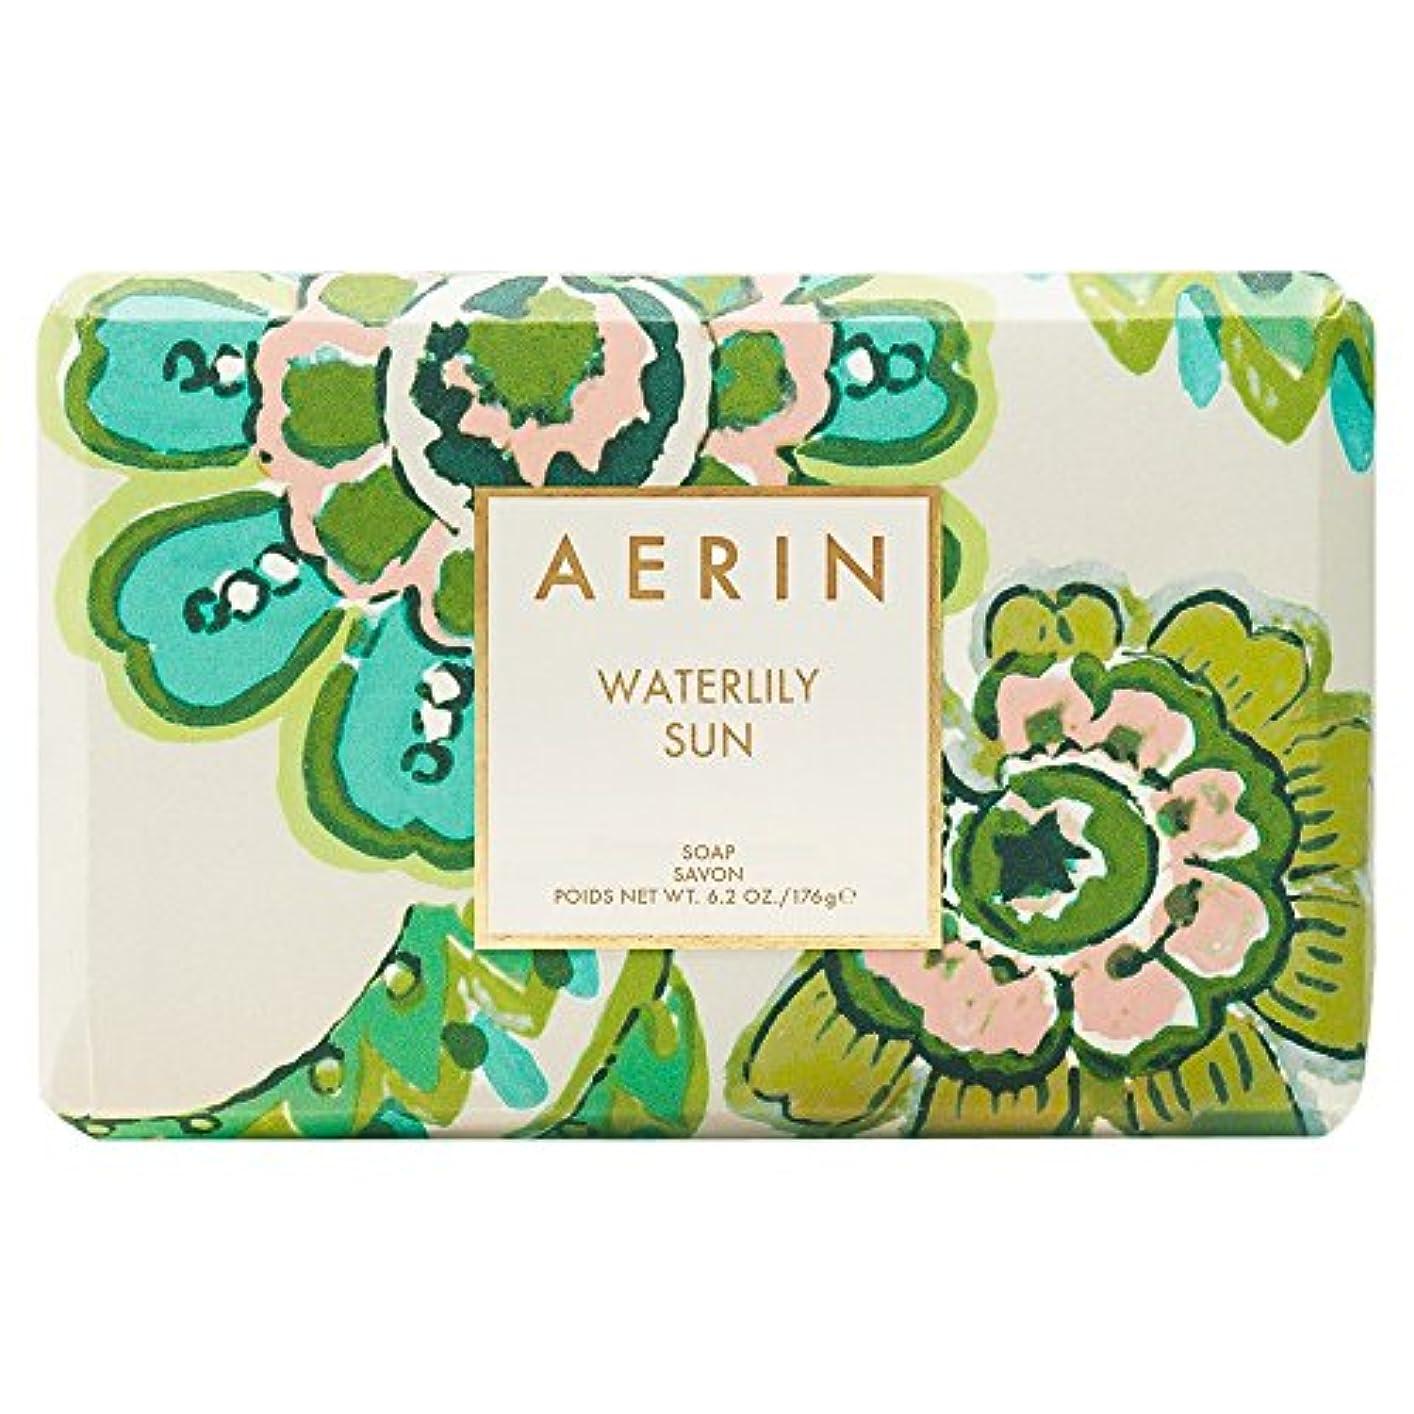 疑問を超えて電子レンジパートナーAerinスイレン日石鹸176グラム (AERIN) (x2) - AERIN Waterlily Sun Soap 176g (Pack of 2) [並行輸入品]